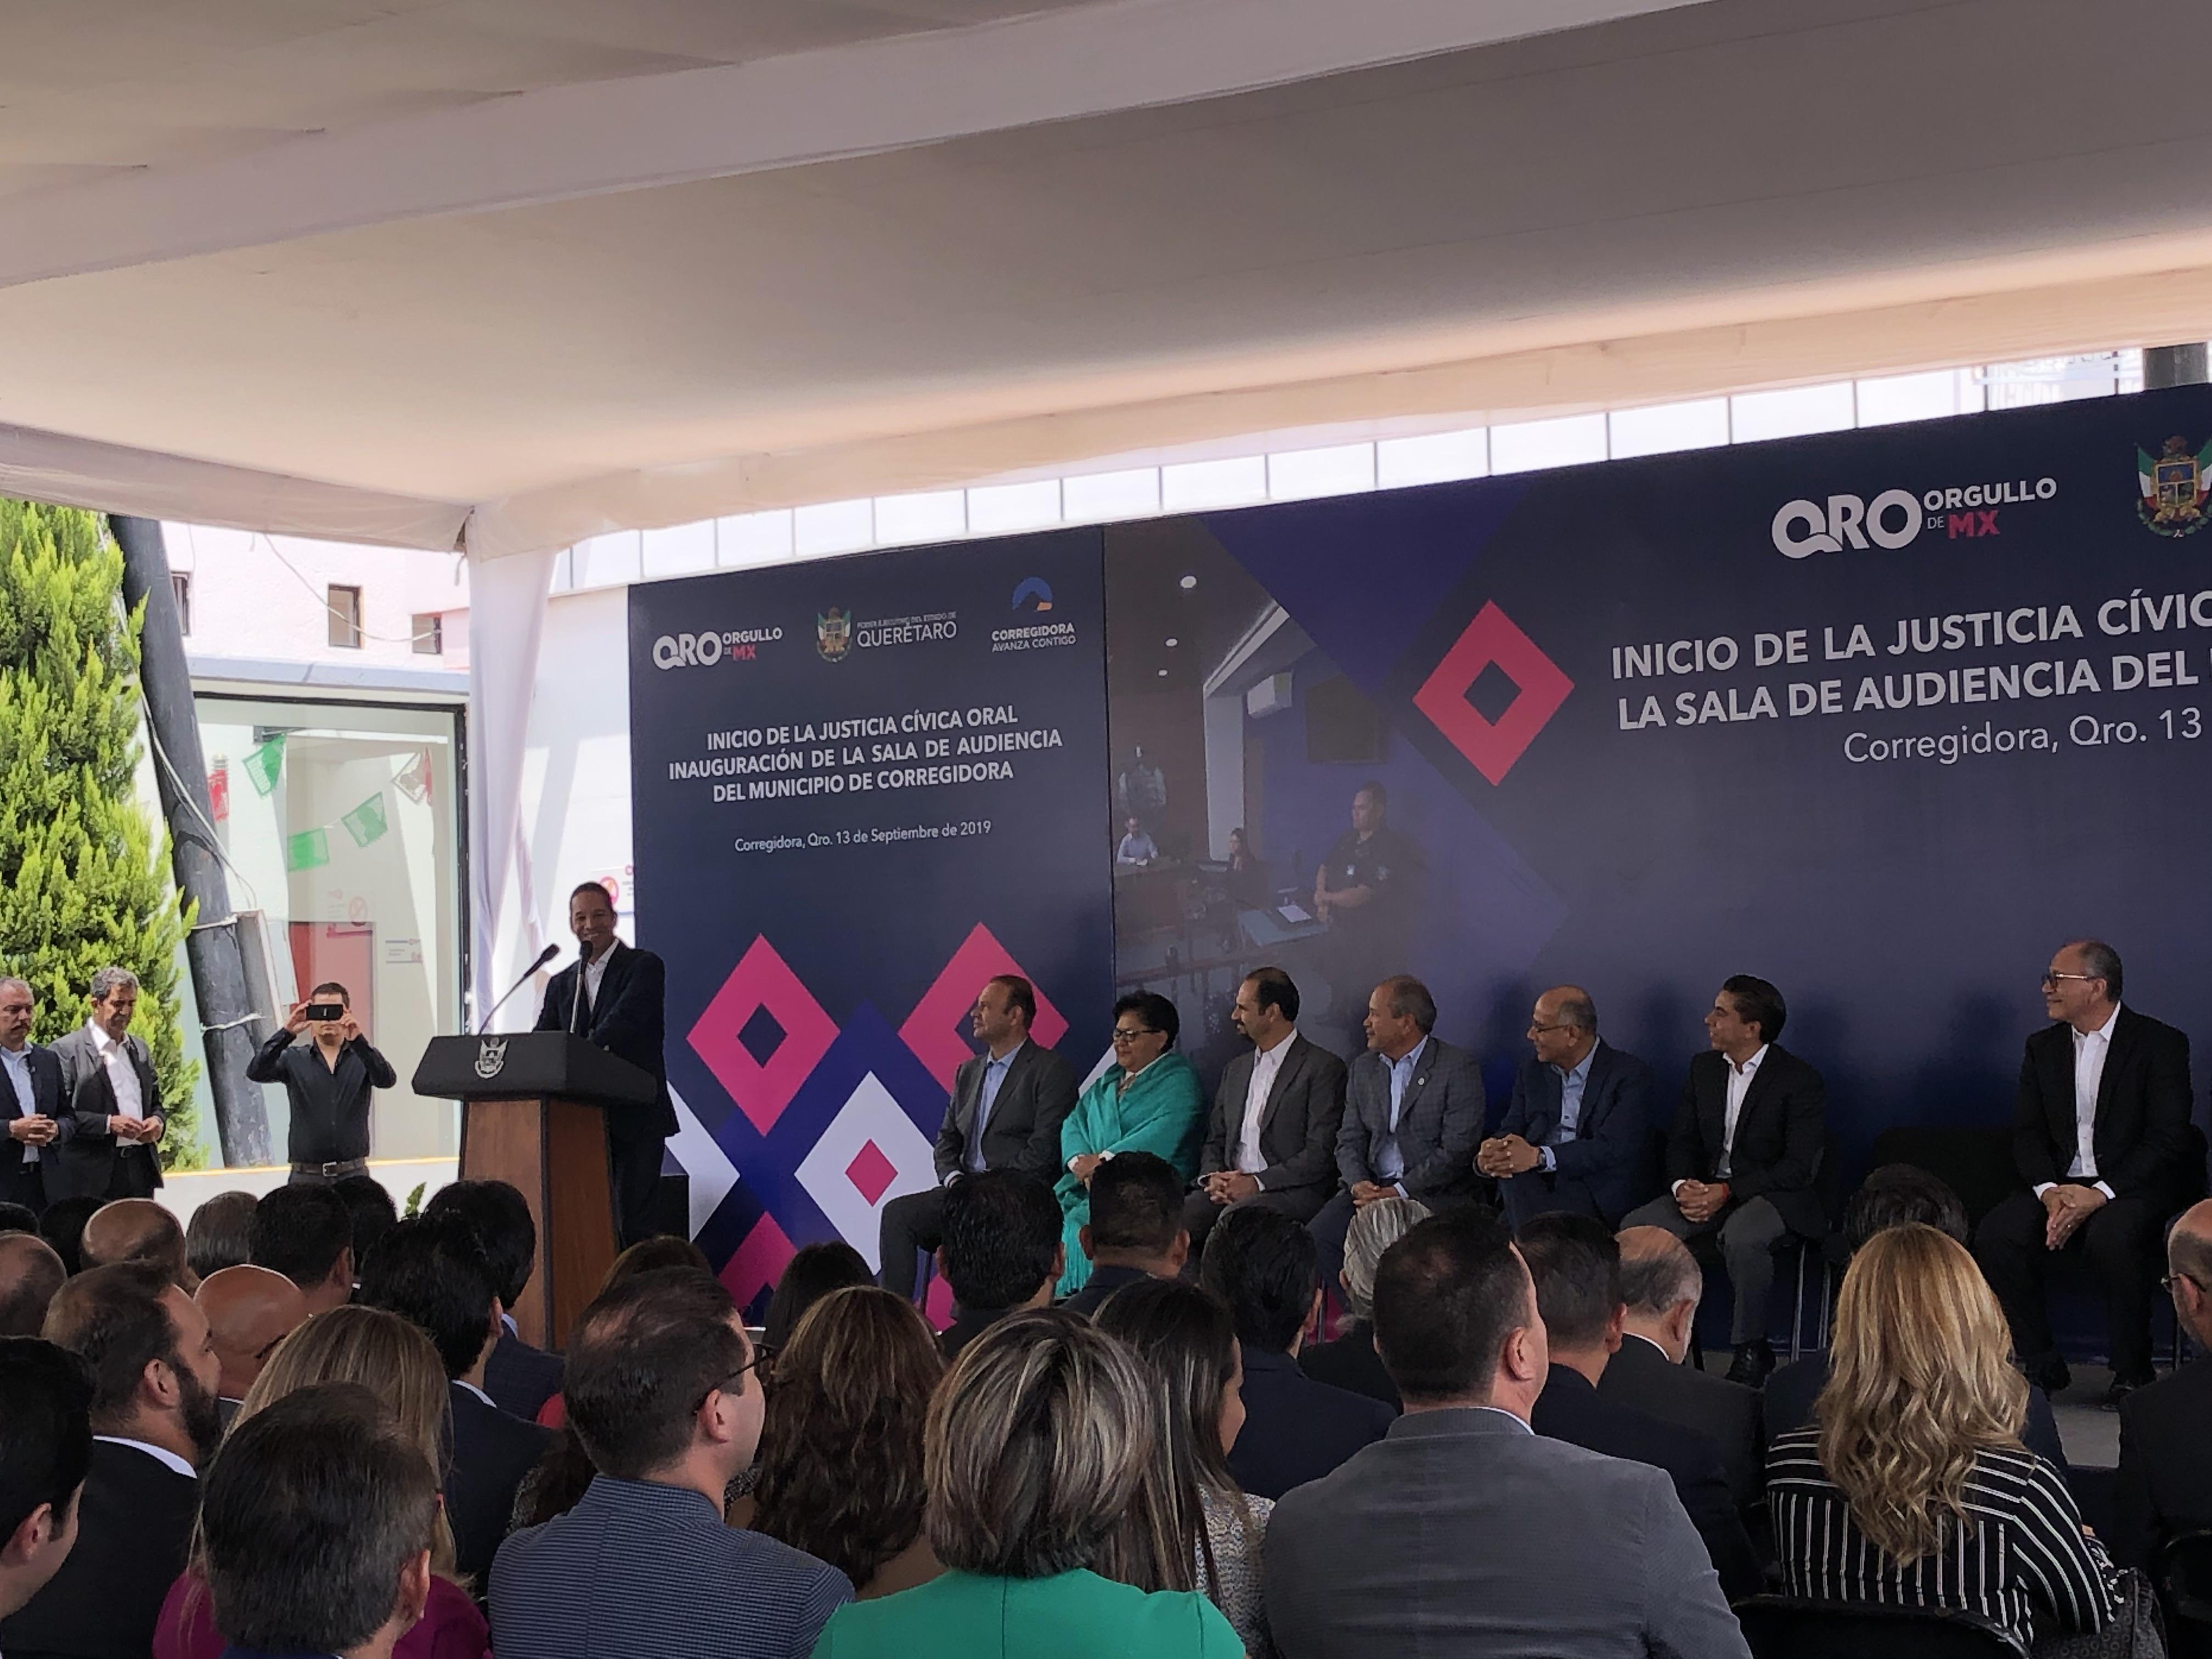 Arranca Justicia Cívica Oral en Corregidora